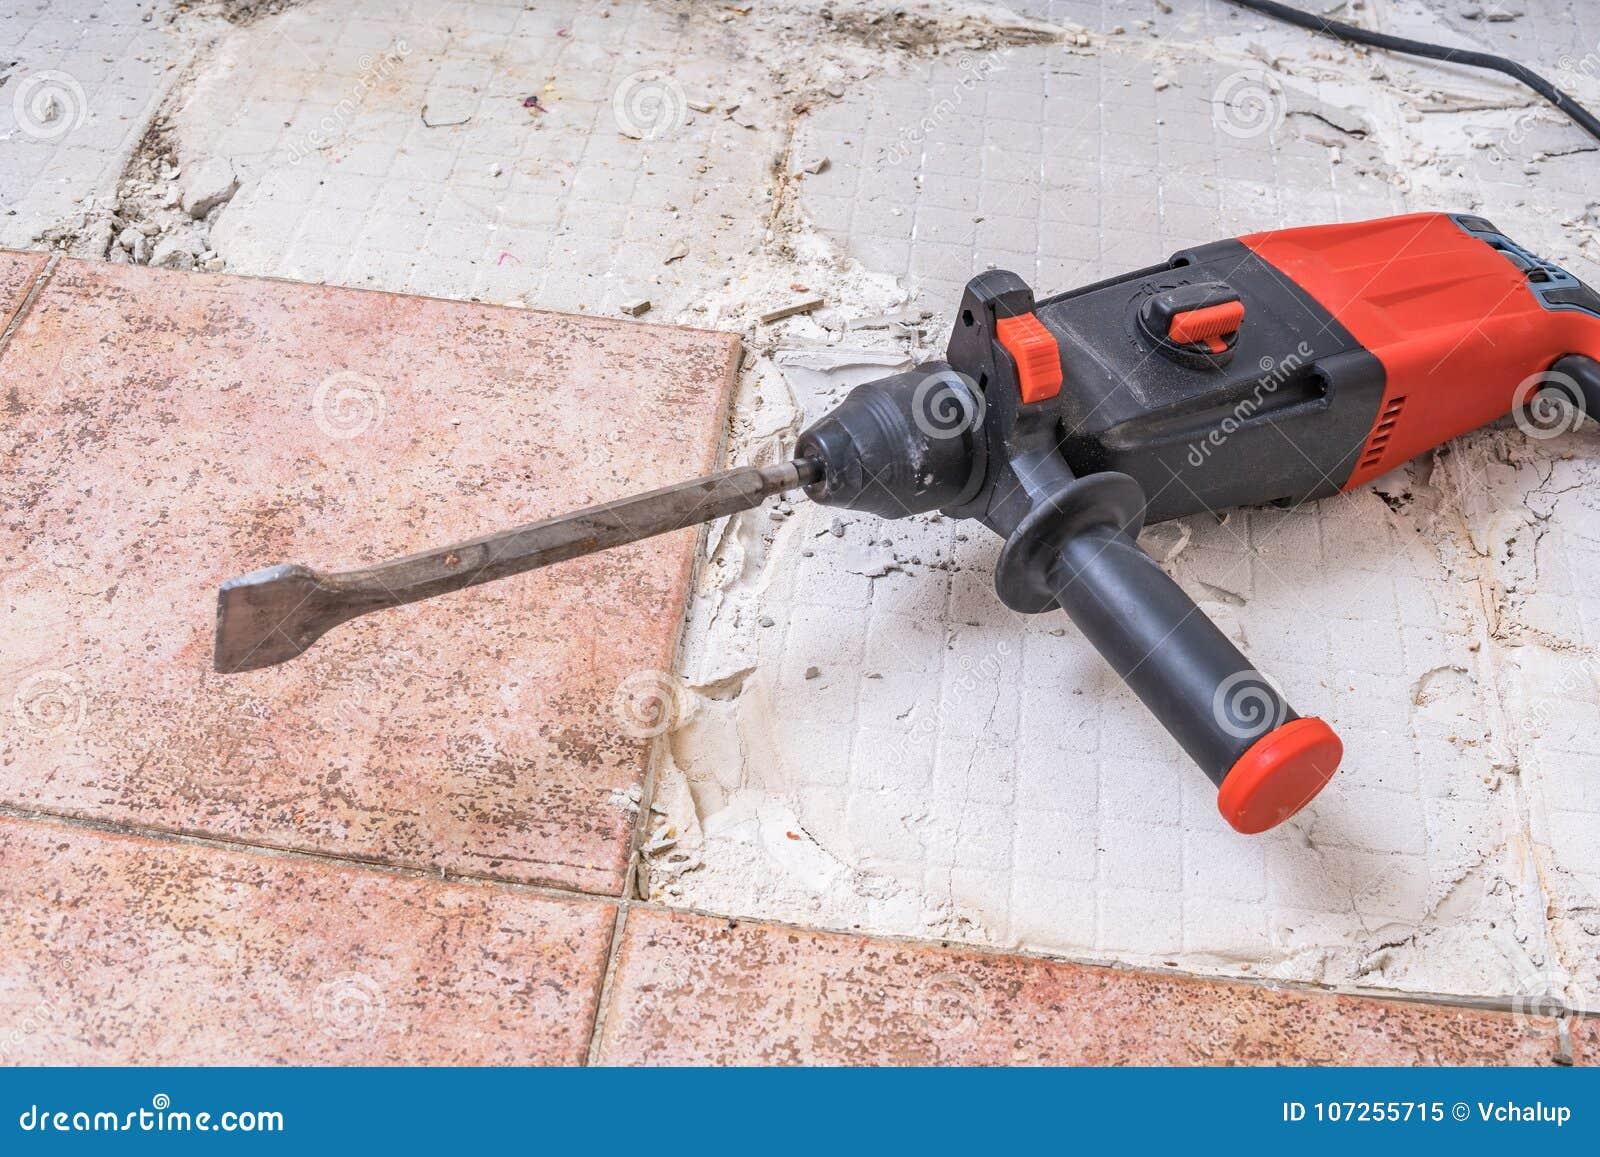 Removing Old Tiles Jackhammer Drilling Demolition